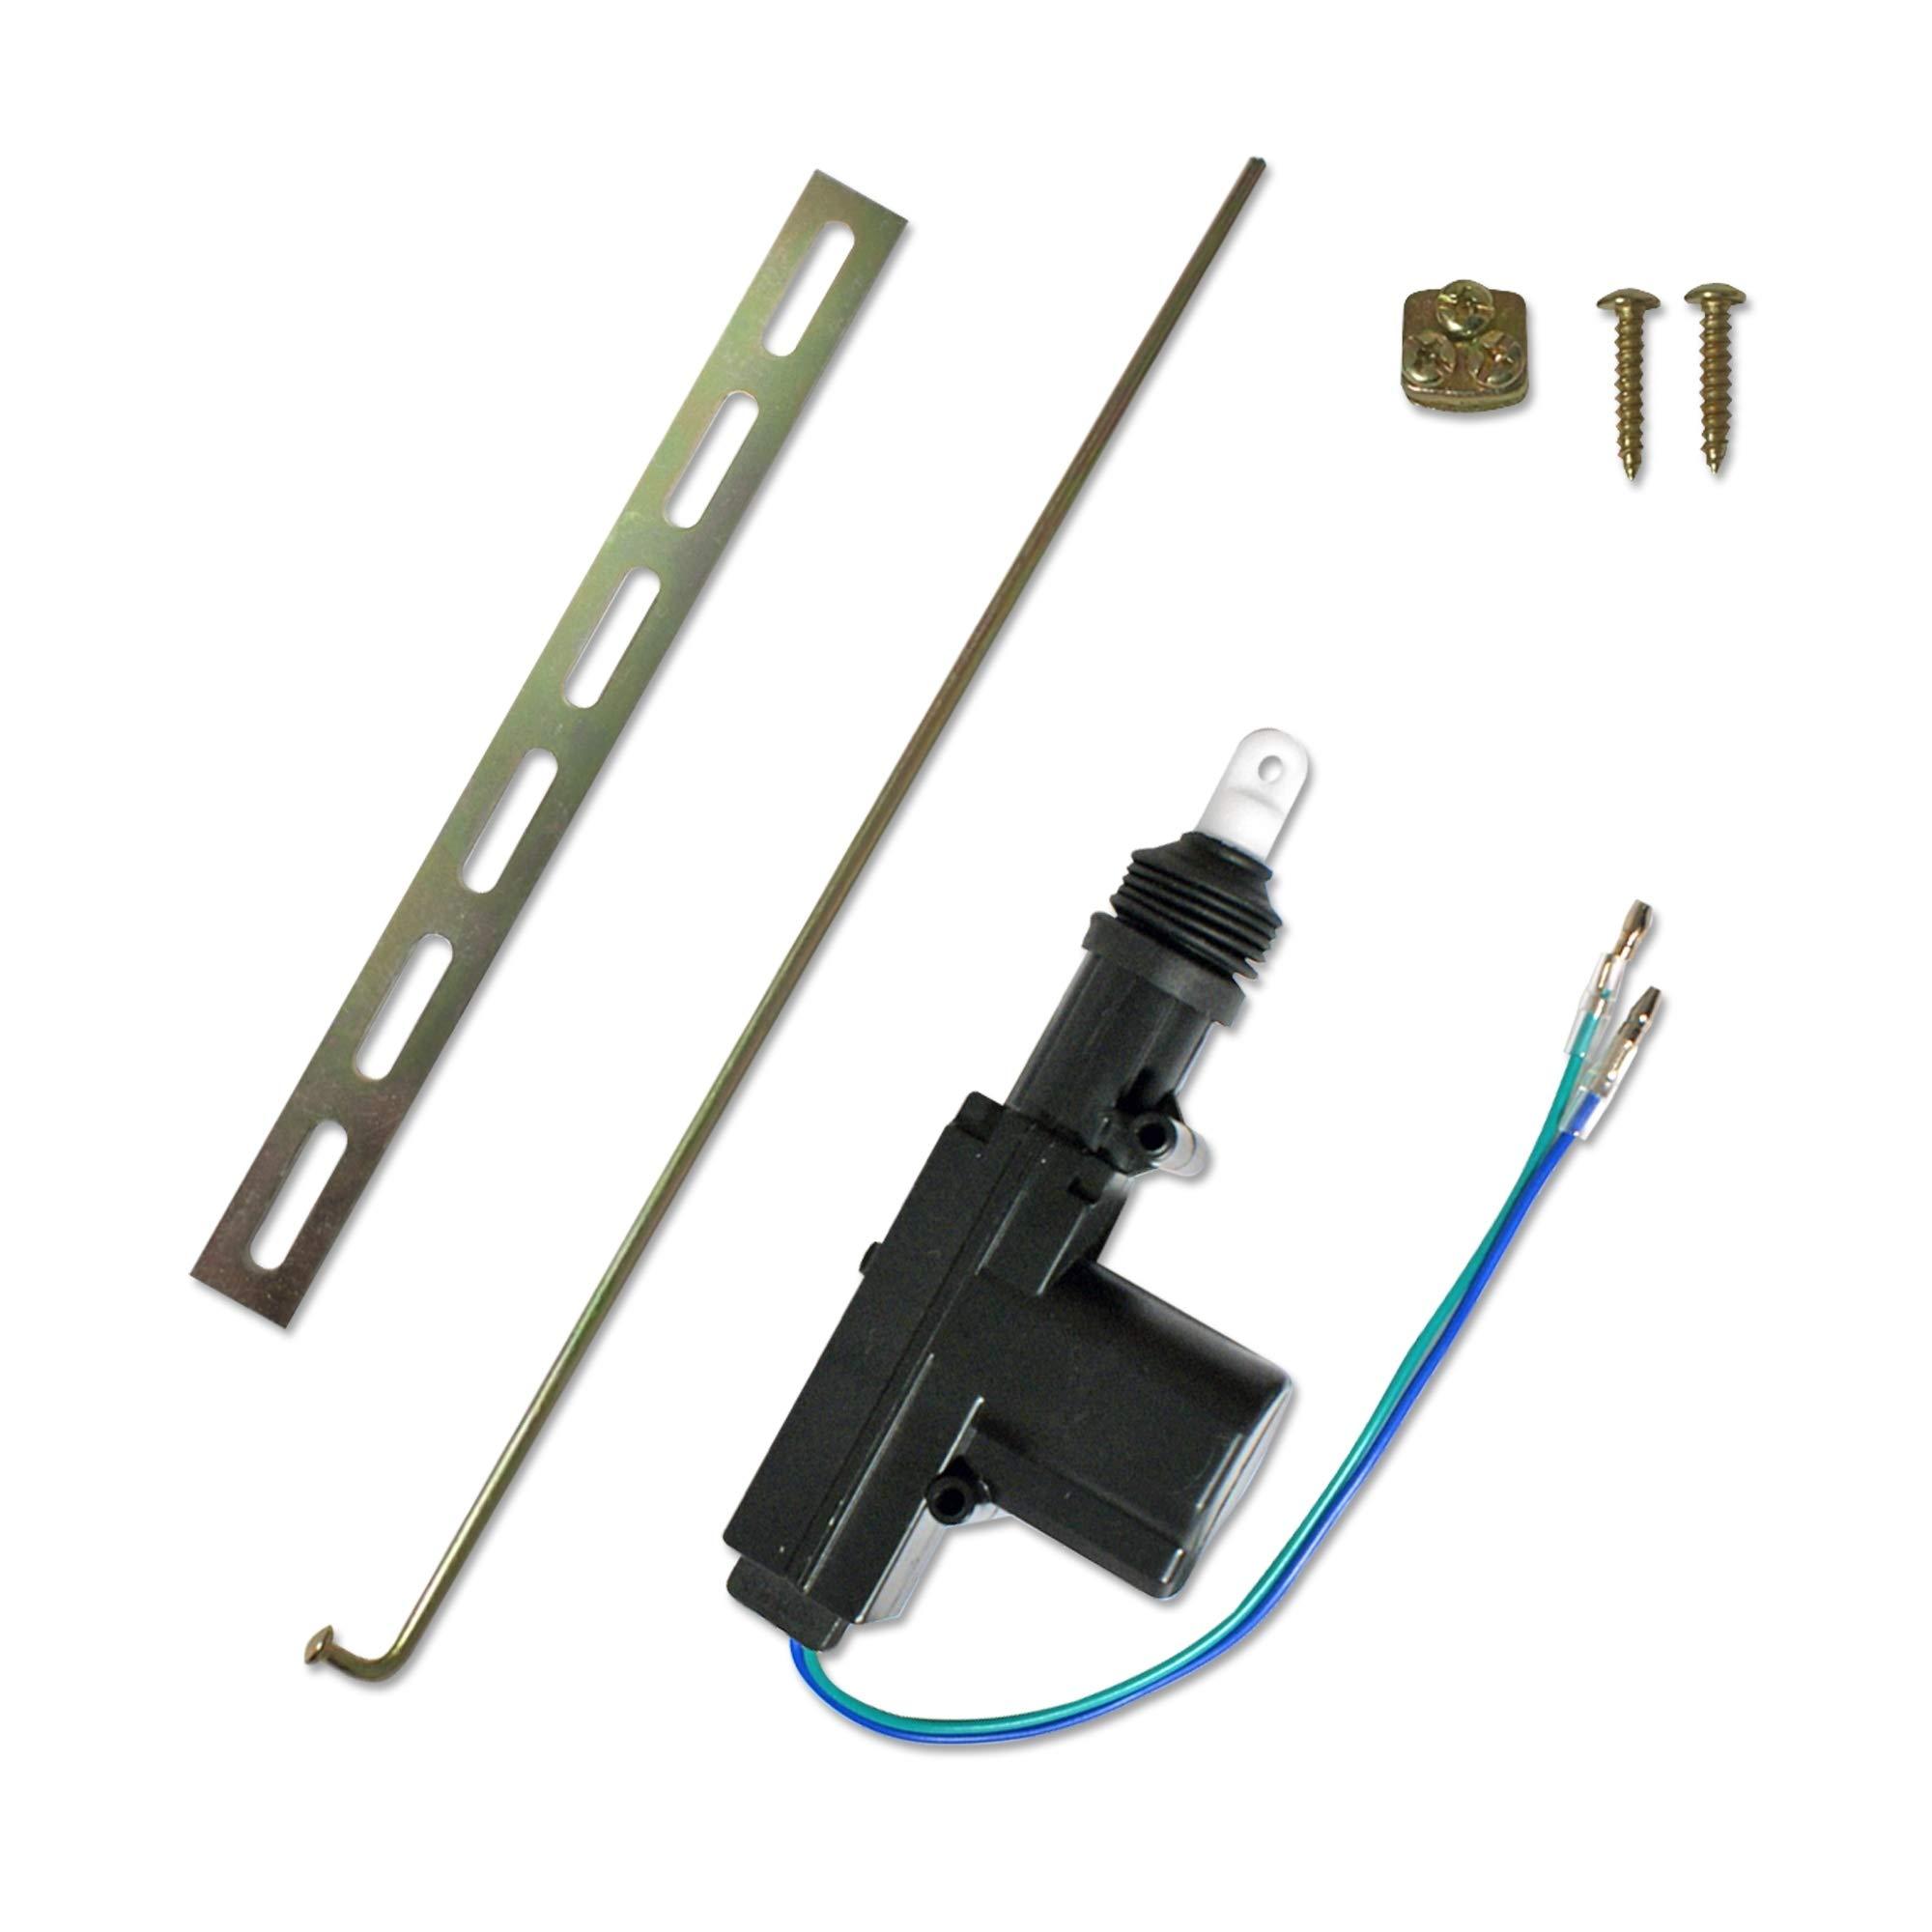 JOM-7103-1-Universal-Stellmotor-2-polig-als-Ersatz-Ergnzung-oder-Kofferraum-Entriegelung-oder-bei-Nachrstung-Slave-Motor-ohne-Schalter